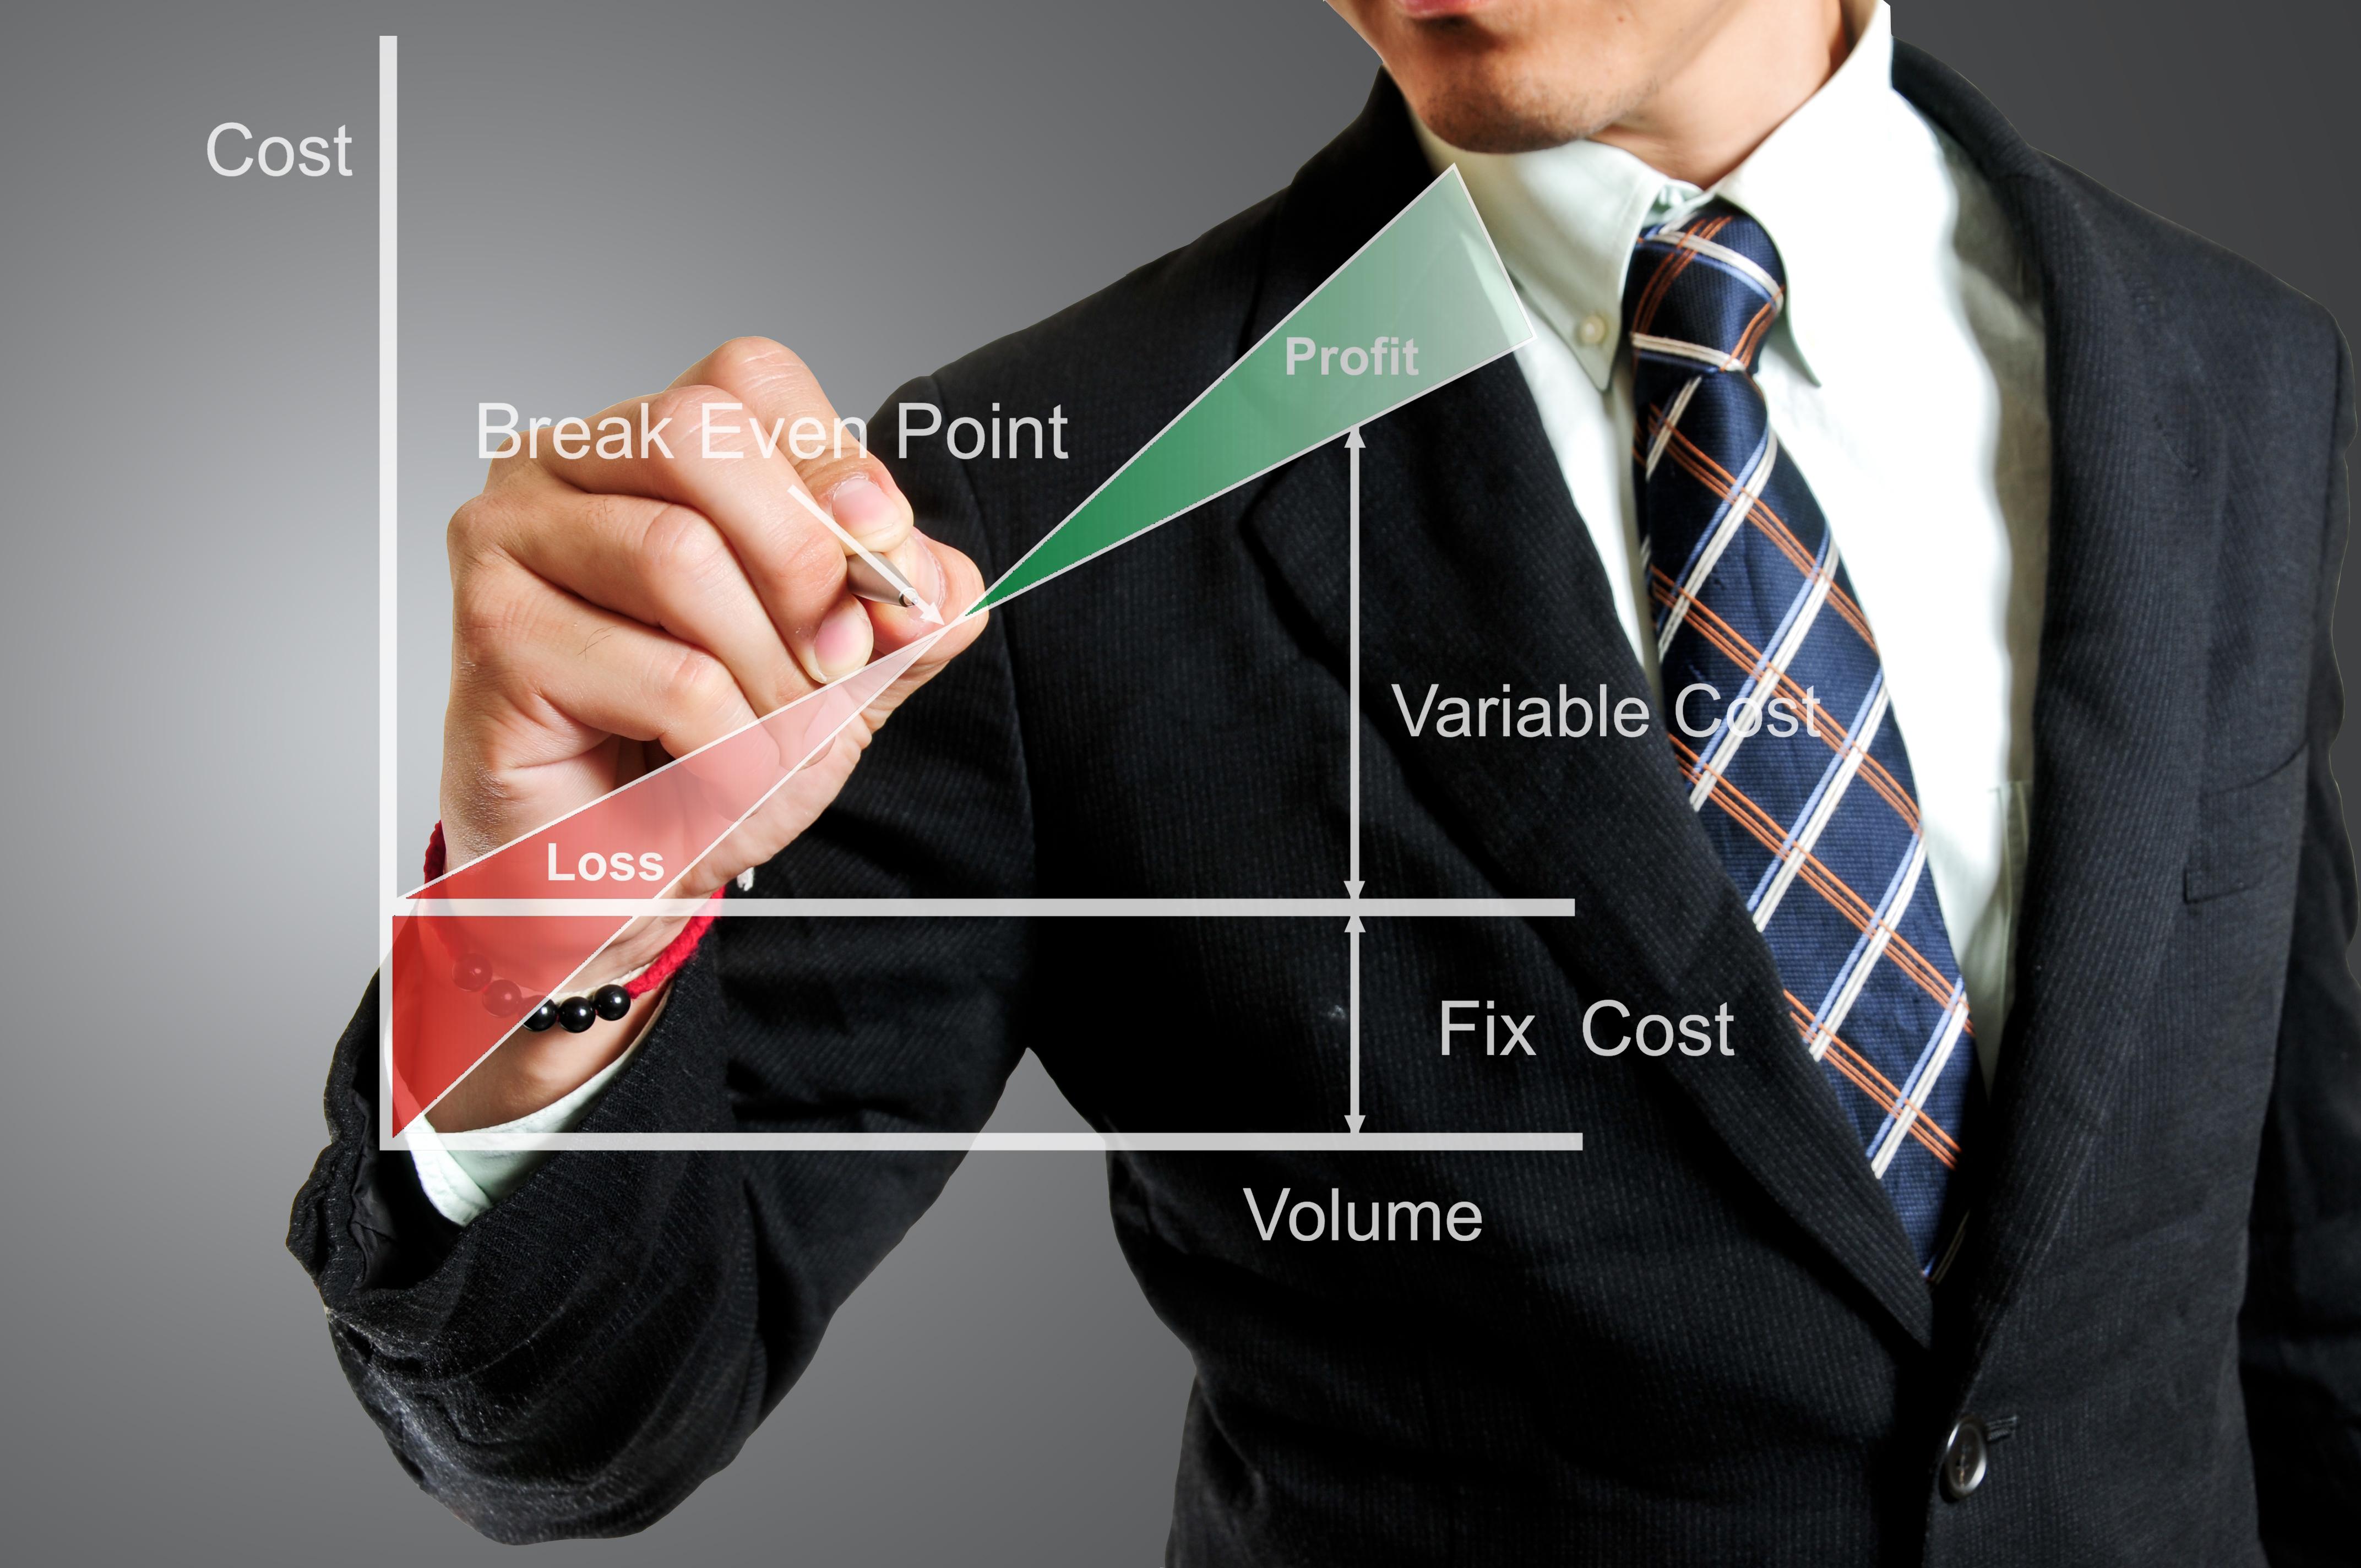 Loss clipart break even point  even Break Cost point